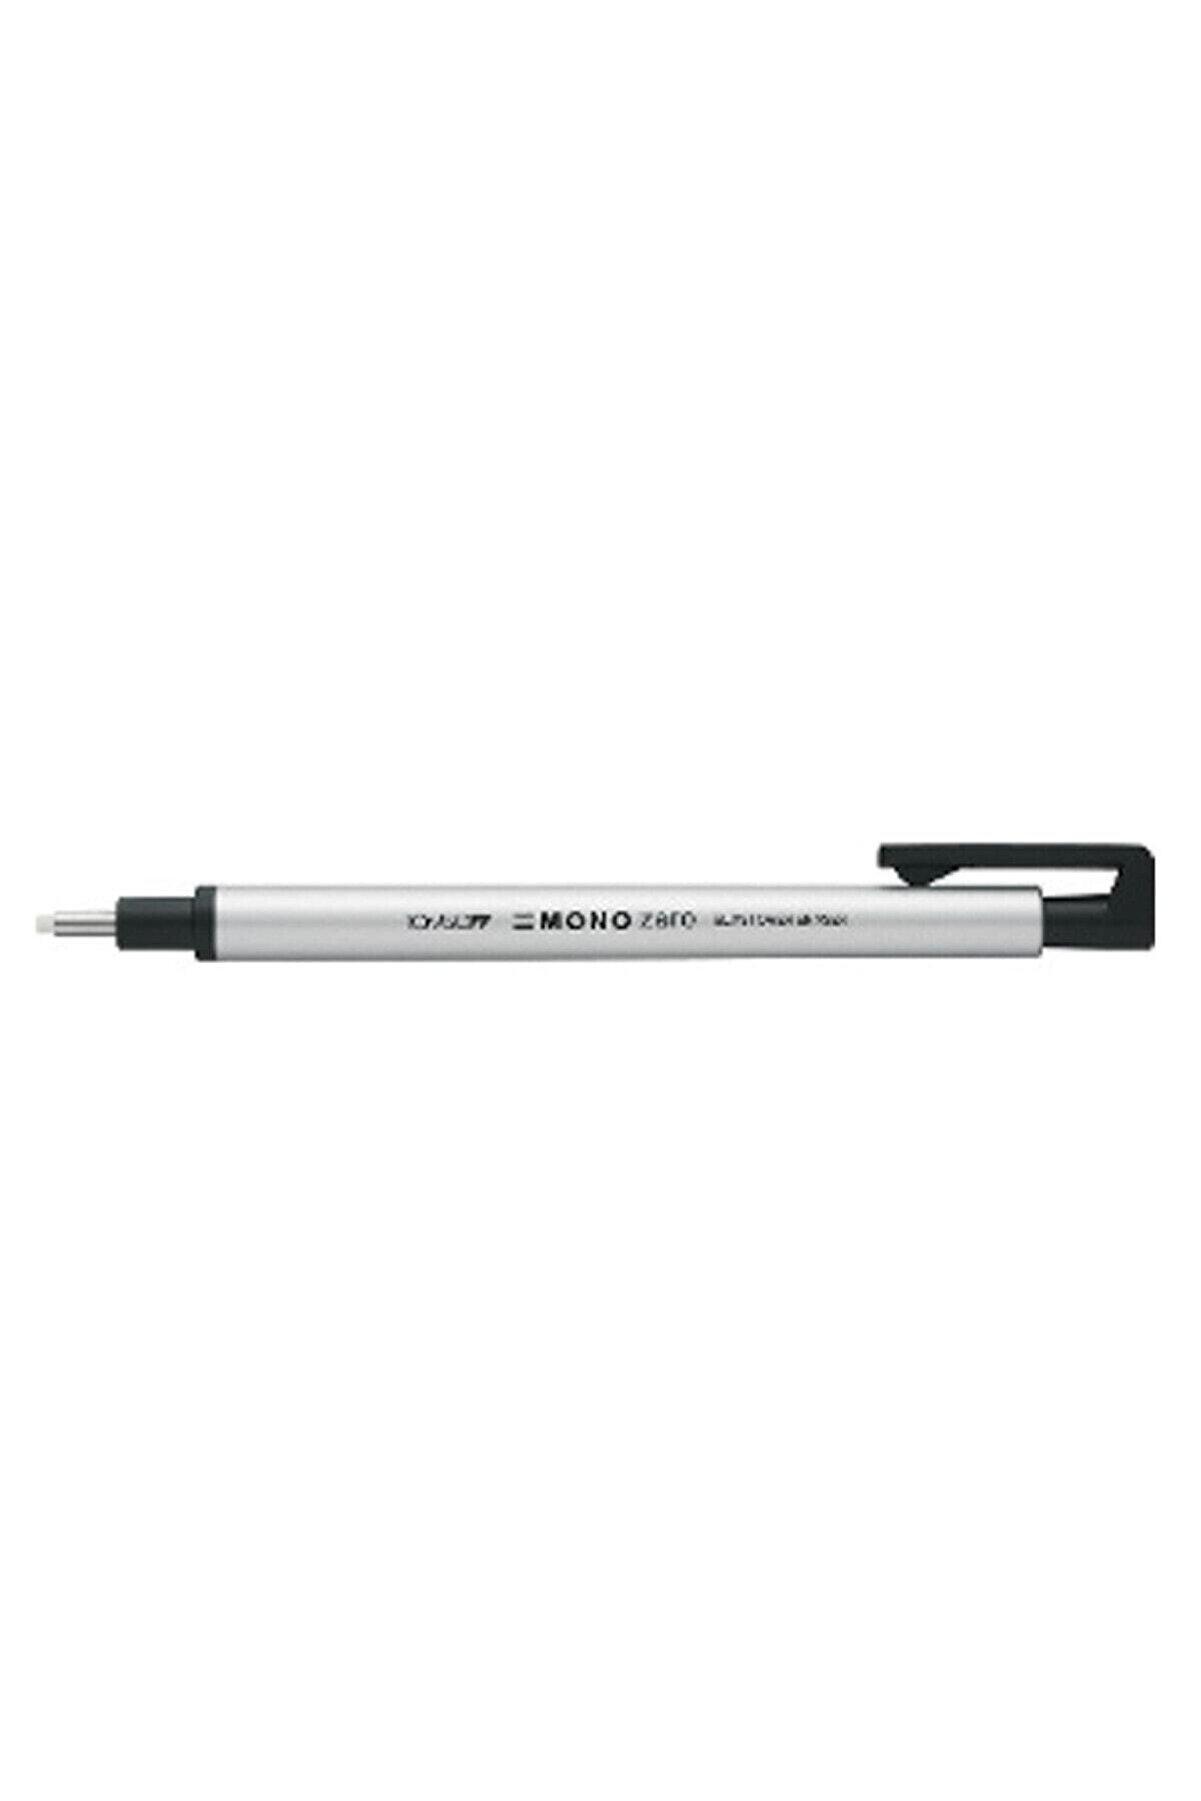 Tombow Mono Zero Basmalı Kalem Silgi 2,3mm - Gümüş 195336